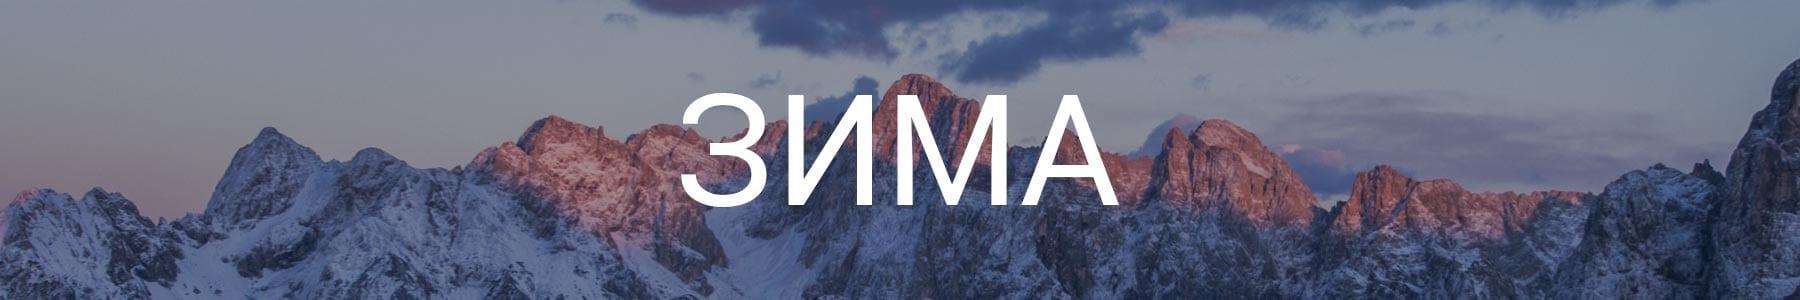 Активные горные туры, которые будут проводиться зимой